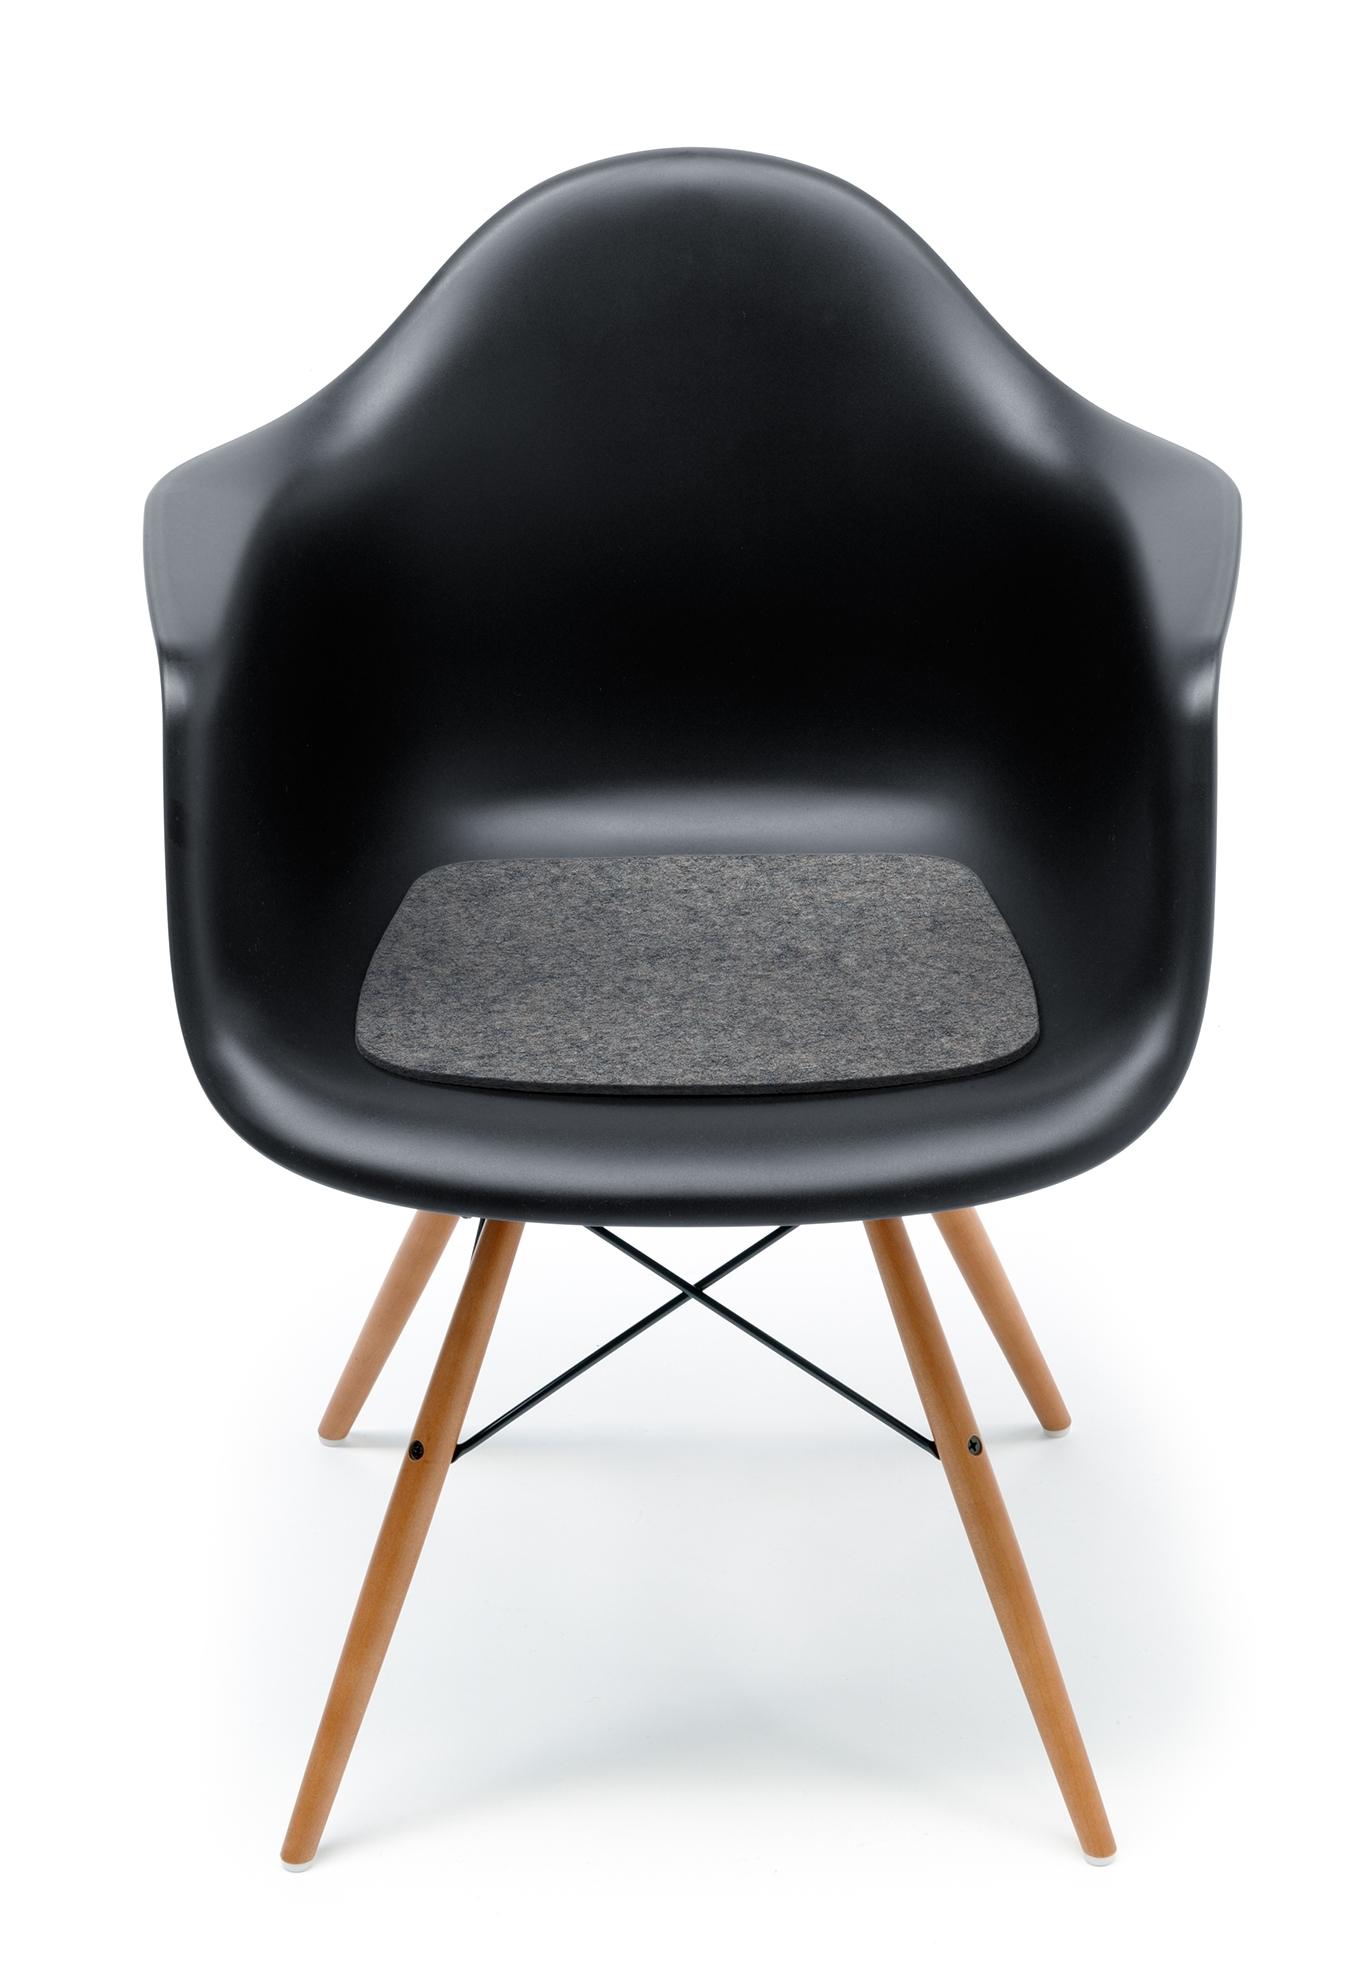 Sitzauflage-Filzauflage Eames Plastic Arm Chairs DAR / RAR / DAW / DAX Hey Sign